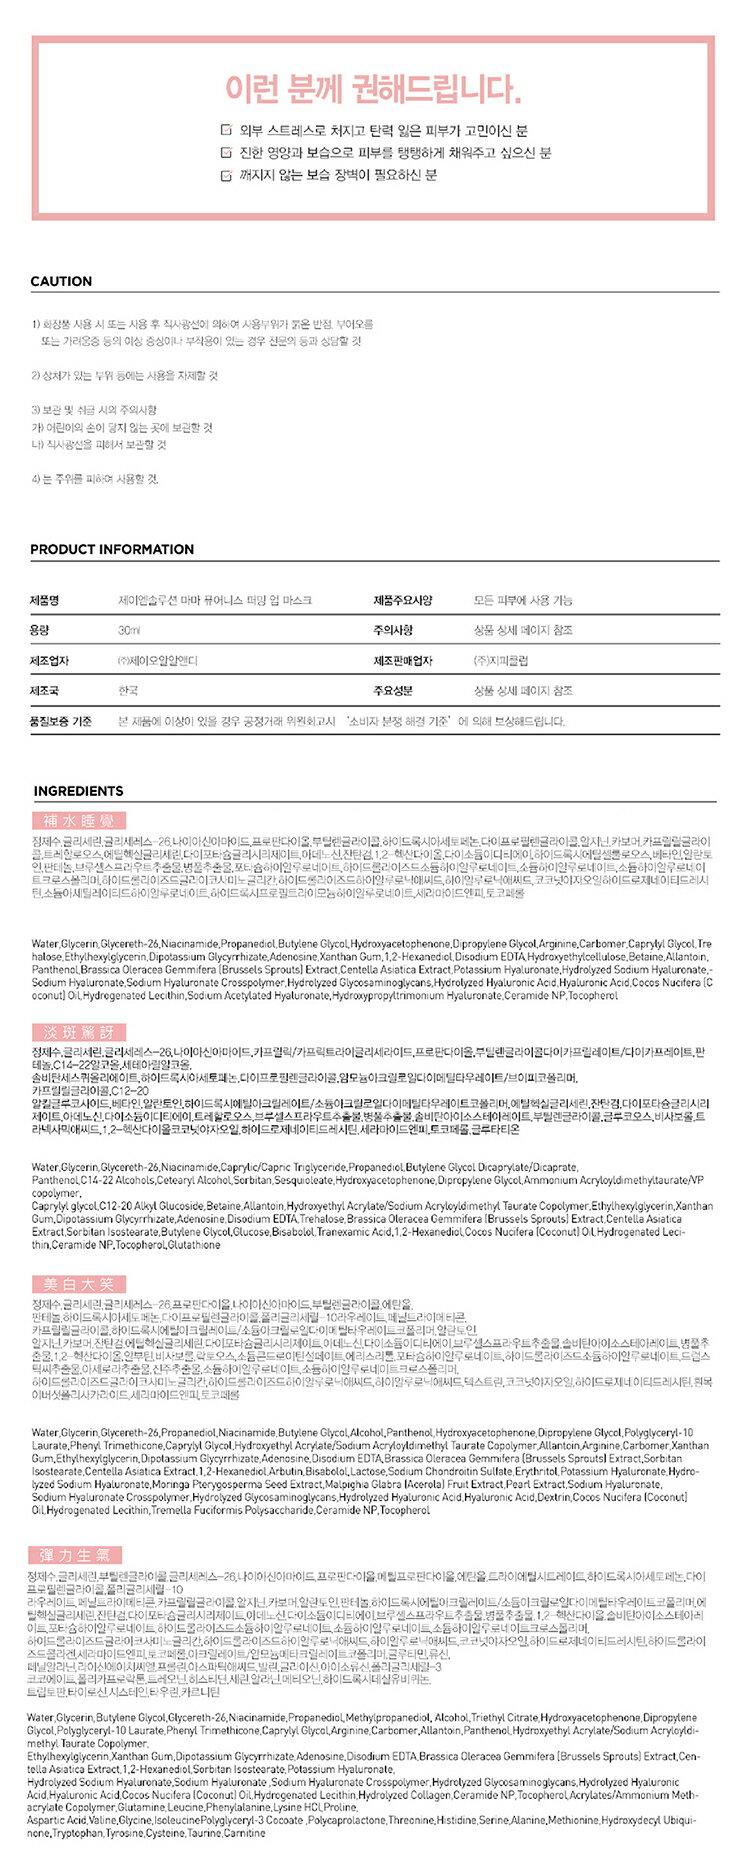 【韓國正品!嬰兒面膜 / 單片】JM solution 寶寶面膜 韓國 純淨面膜 面膜 korea 8